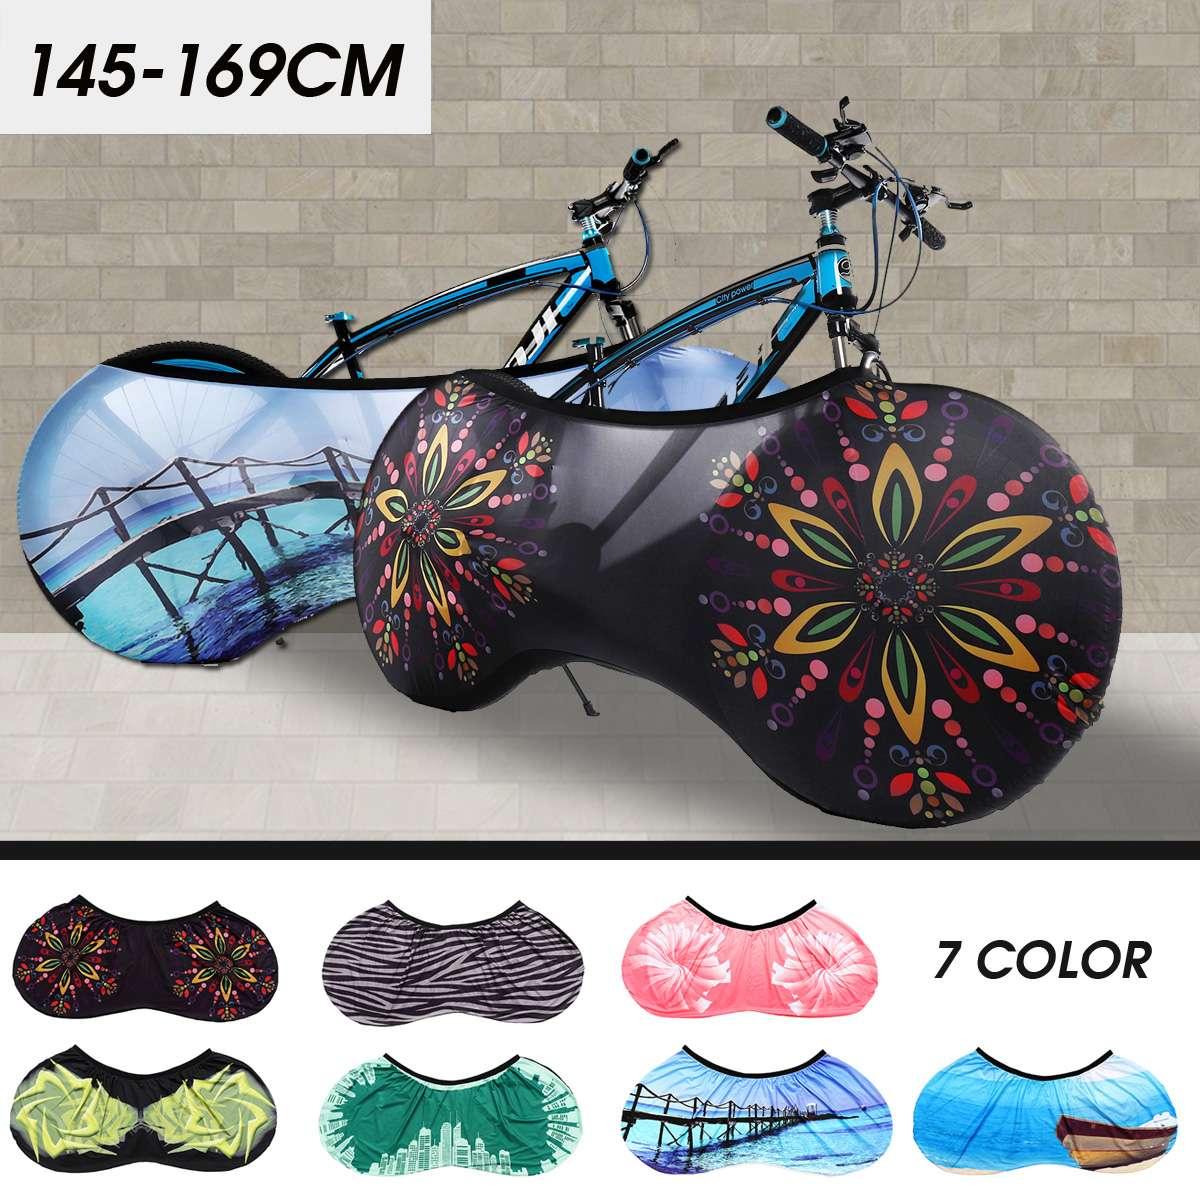 139 centímetros a 170 centímetros Preto Ciclismo Bicicleta Traseiro Do Assento Cobertura De Carga Saco de Rack de Bicicleta Proteção Contra Poeira À Prova de Chuva